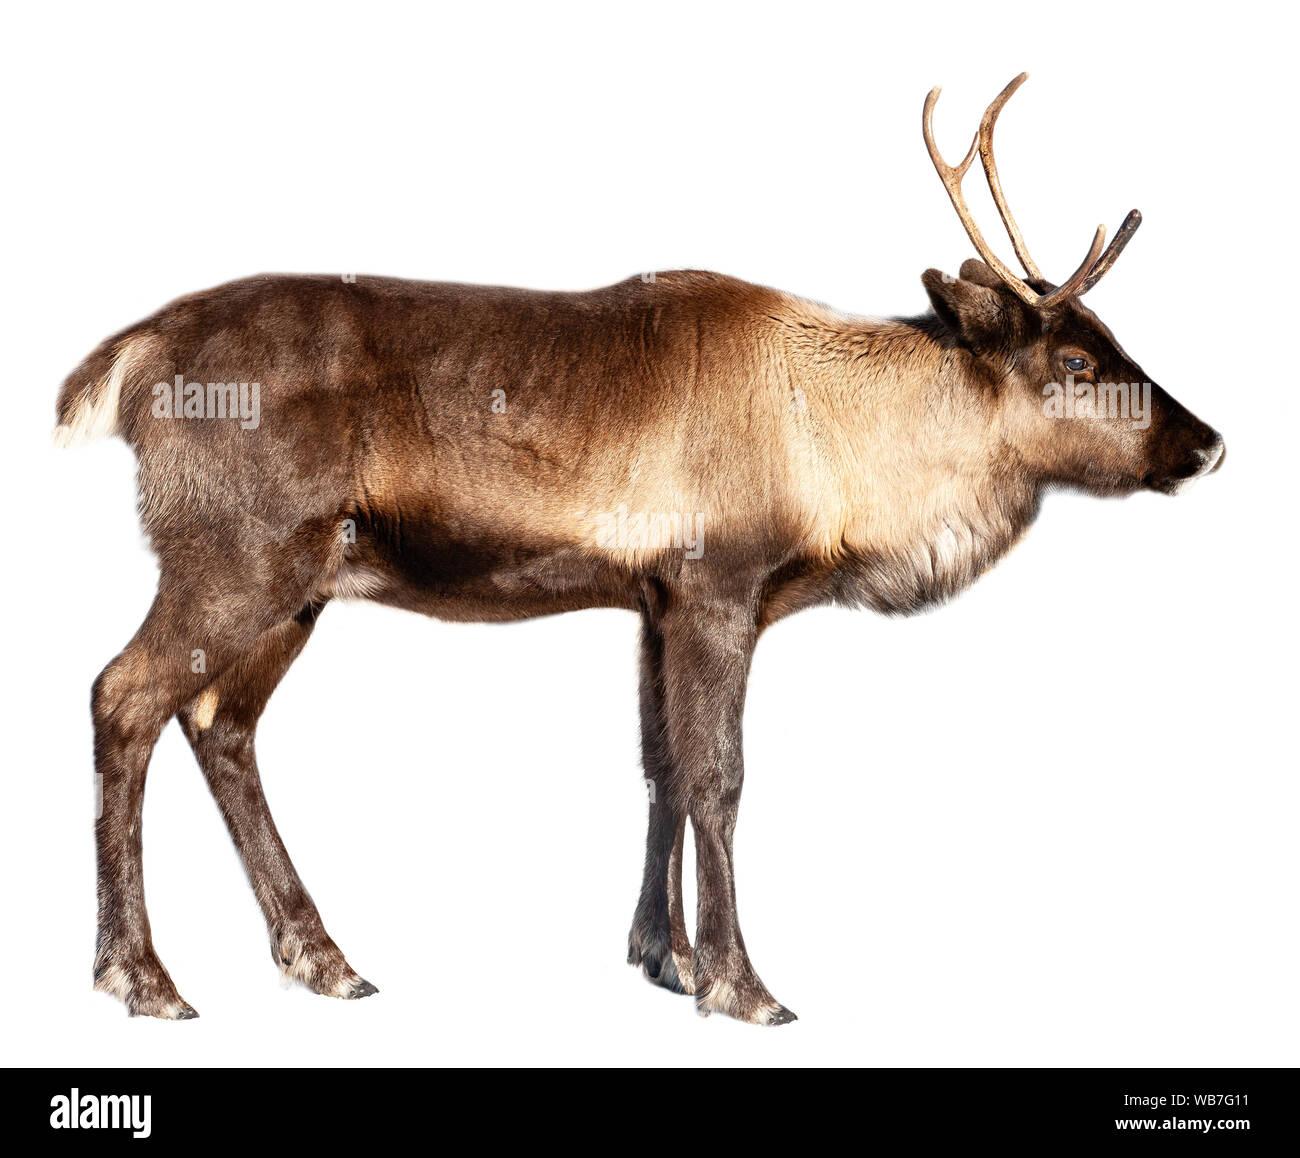 Image d'un cerf du nord sur un fond blanc Banque D'Images